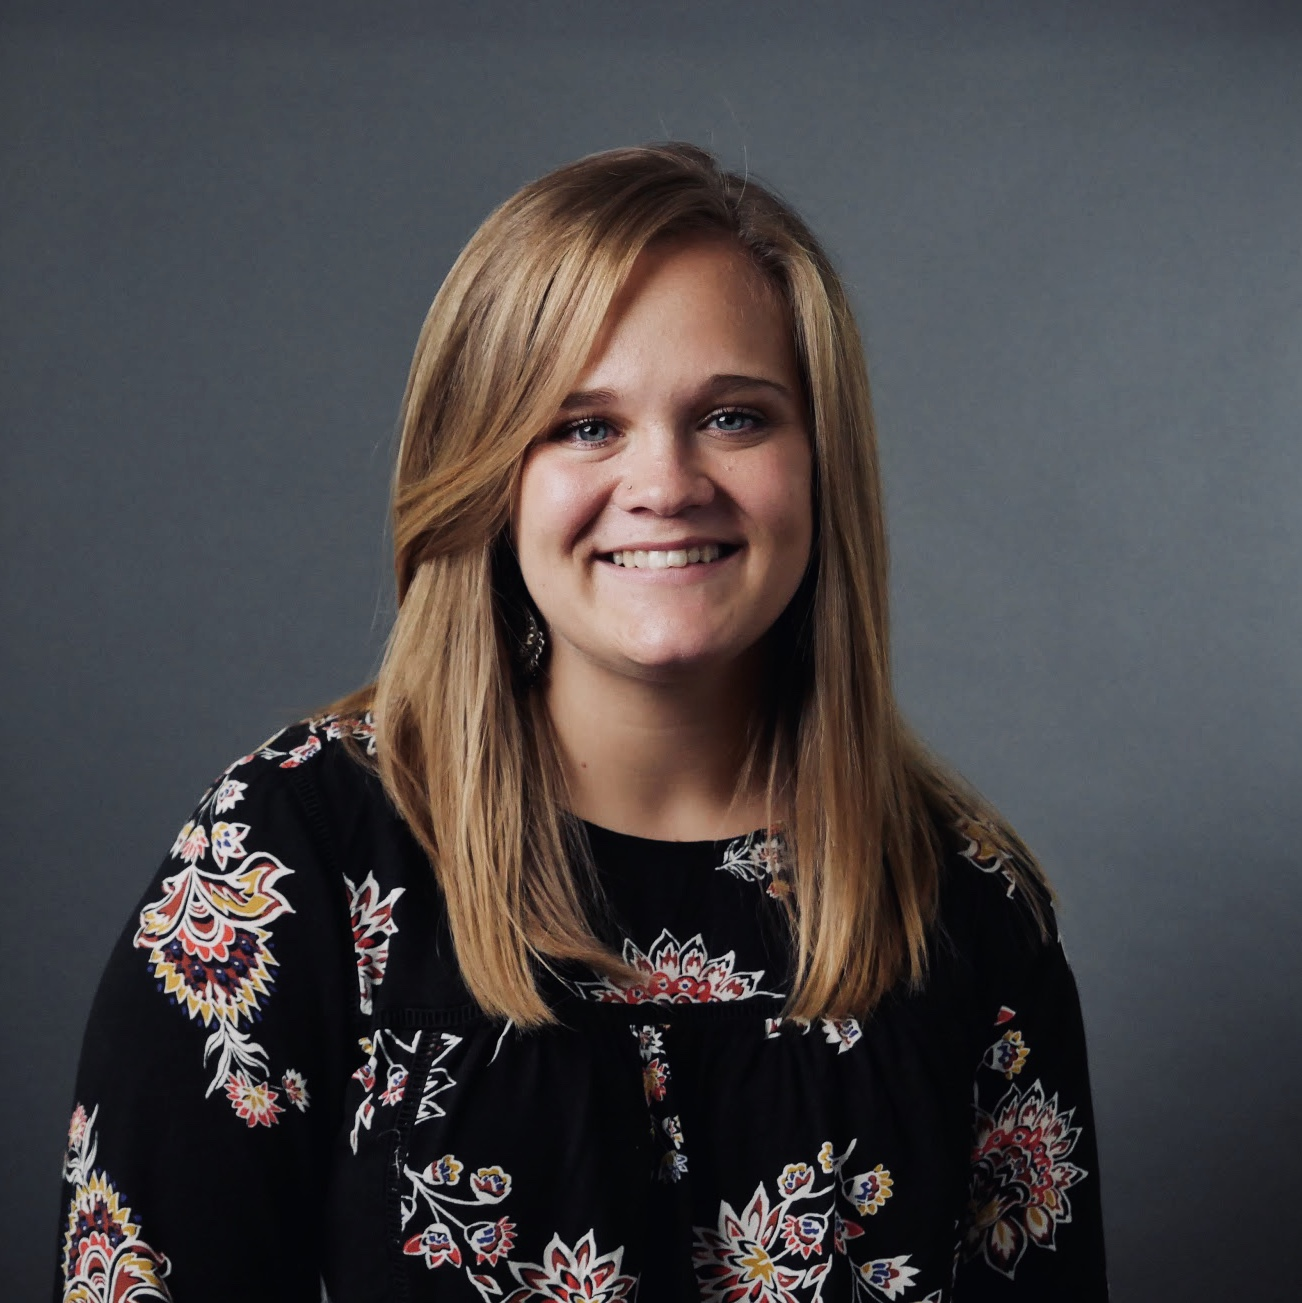 Jamie Richardson - Campus Ministry Intern